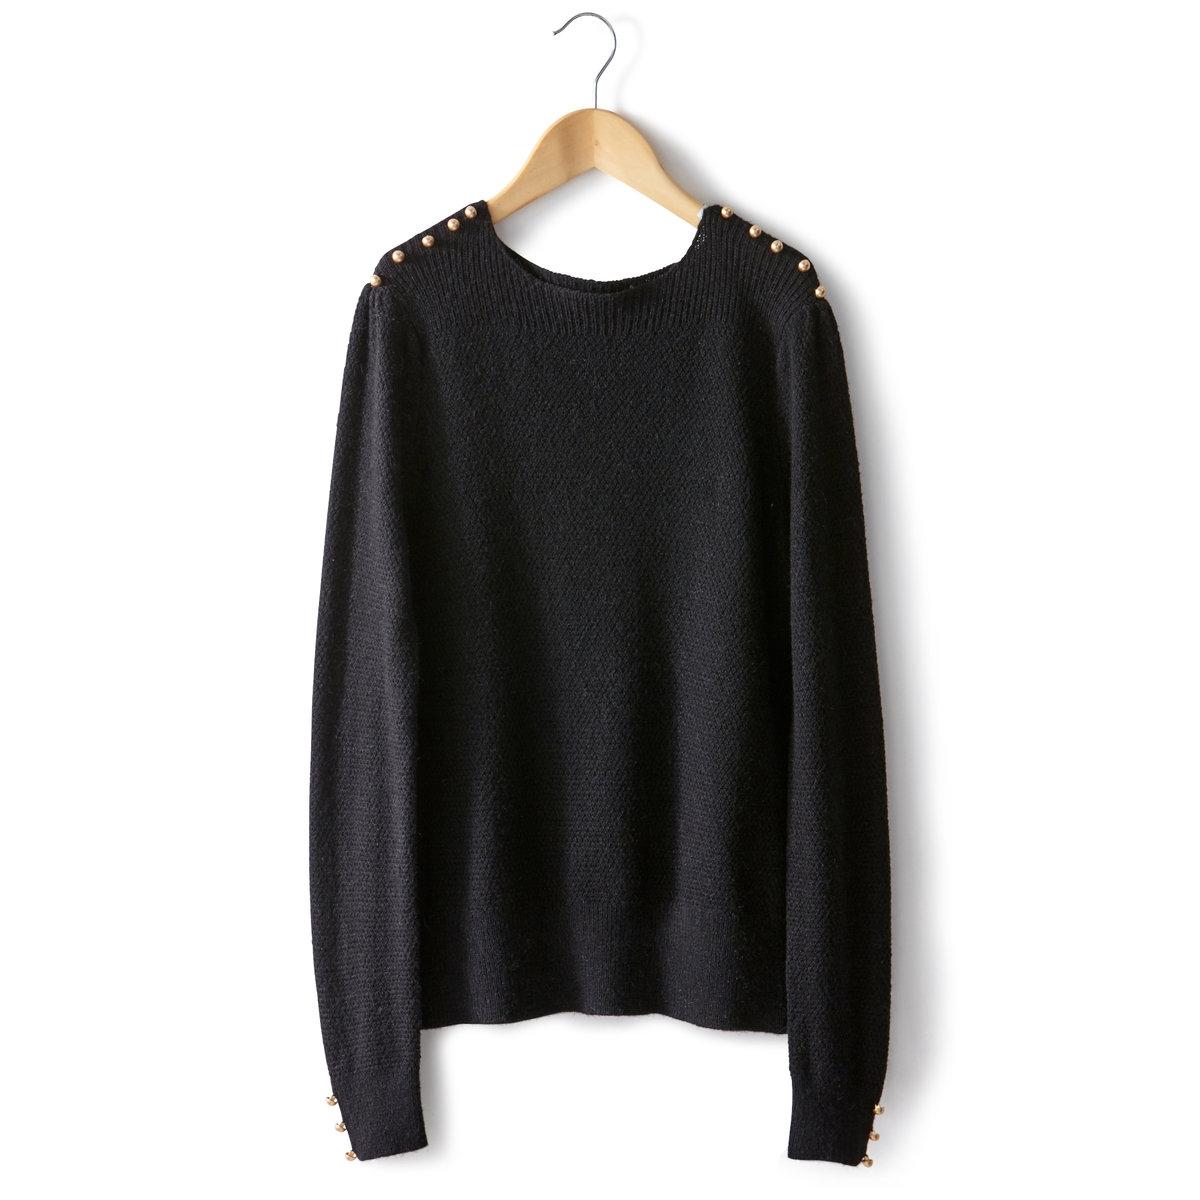 Пуловер трикотажныйПуловер из трикотажа 45 % вискозы, 50 % полиамида, 5 % альпака. С воротником-стойкой. Пуговицы на плечах и манжетах. Кружевная вышивка по корпусу и рукавам. Края выреза, манжет и низа связаны в рубчик . Длина . 56 см  .<br><br>Цвет: черный